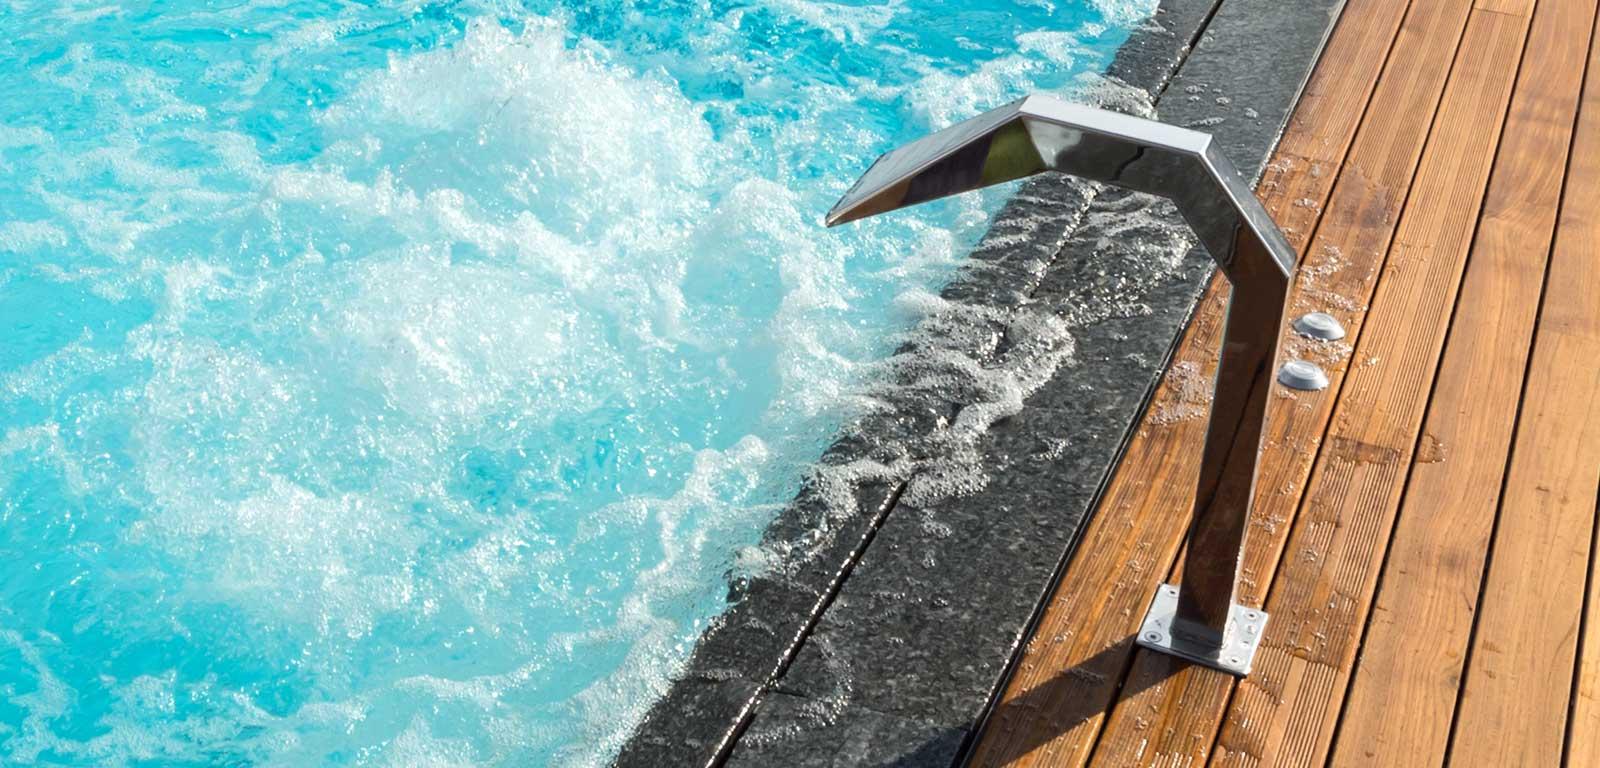 fontana installata a bordo piscina